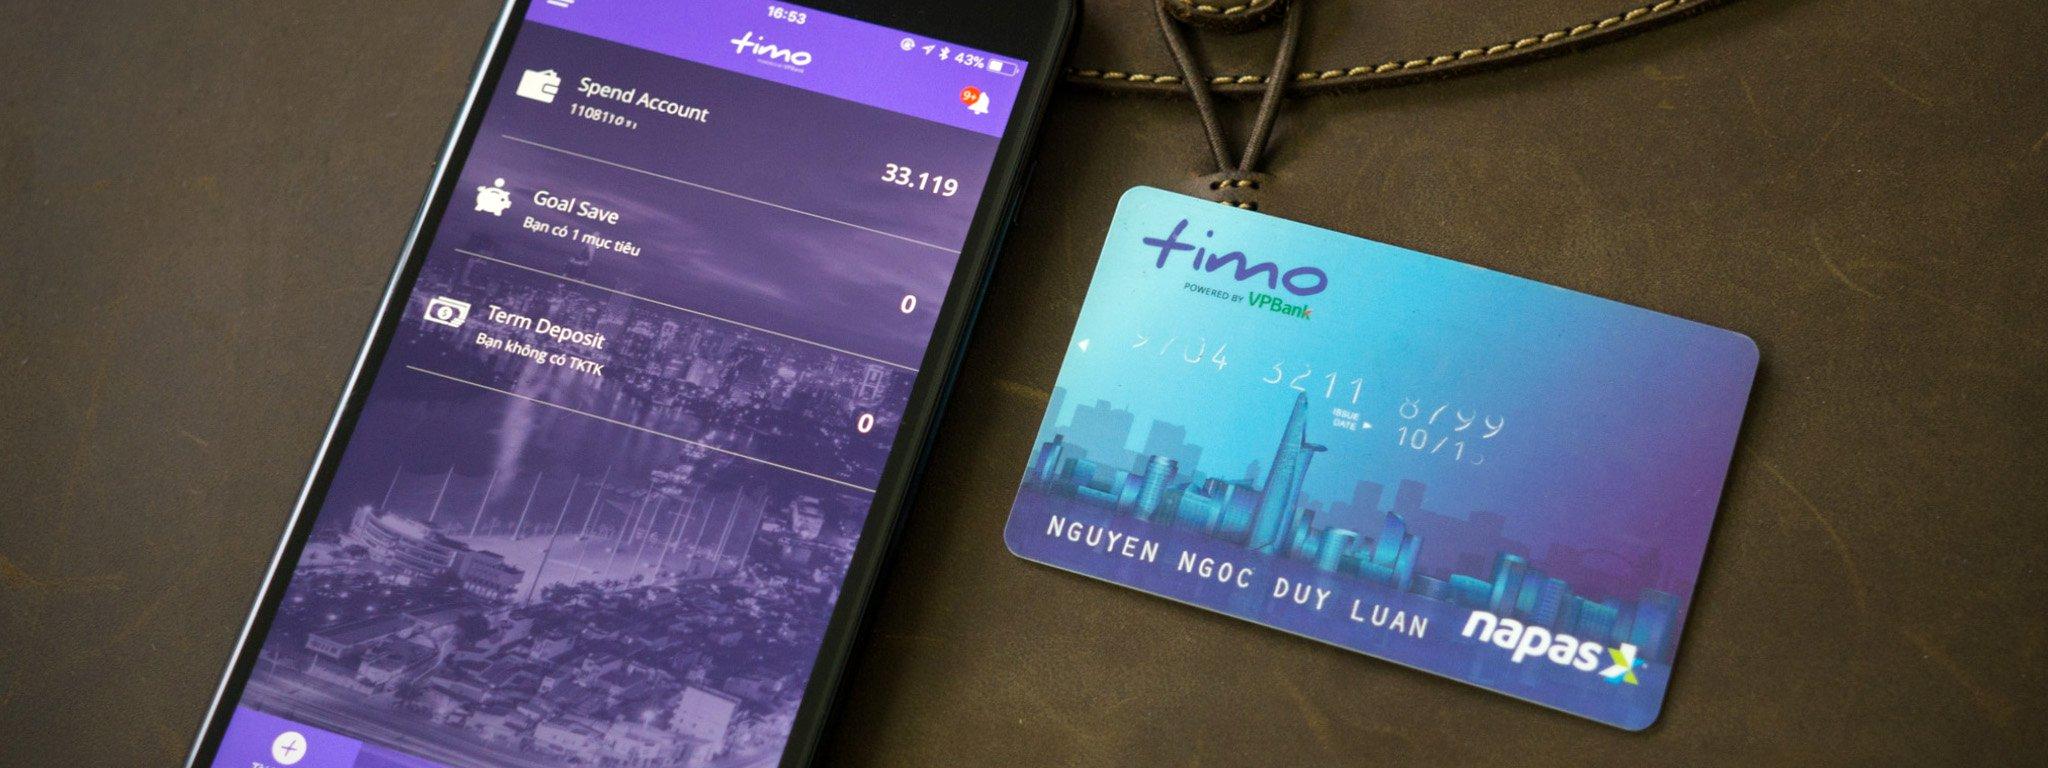 hang-timo-01